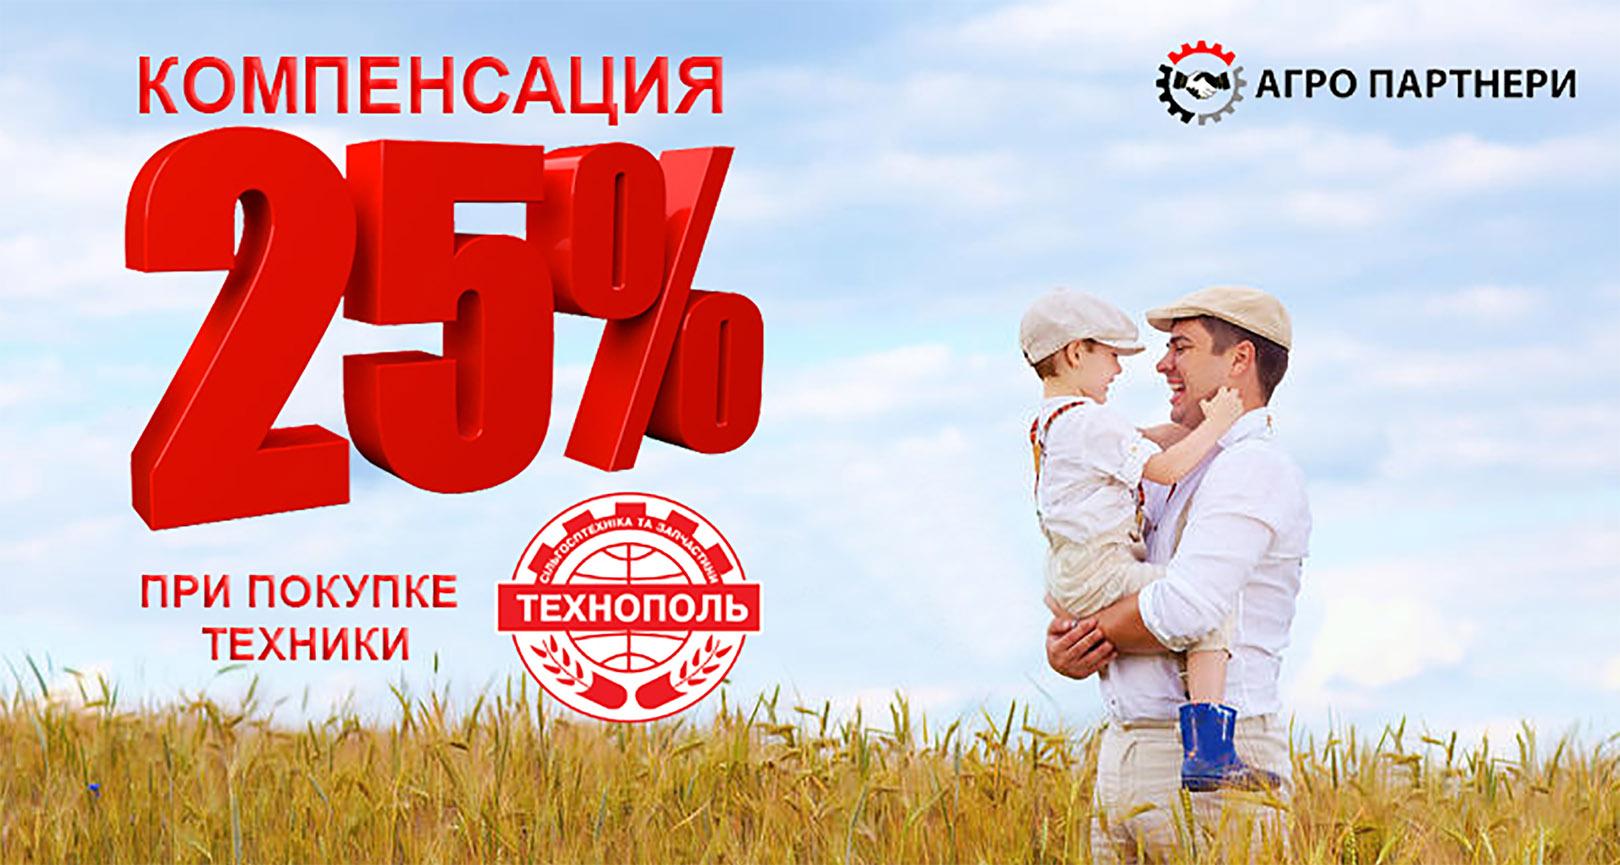 ГОСУДАРСТВЕННАЯ ПРОГРАММА КОМПЕНСАЦИИ -25%